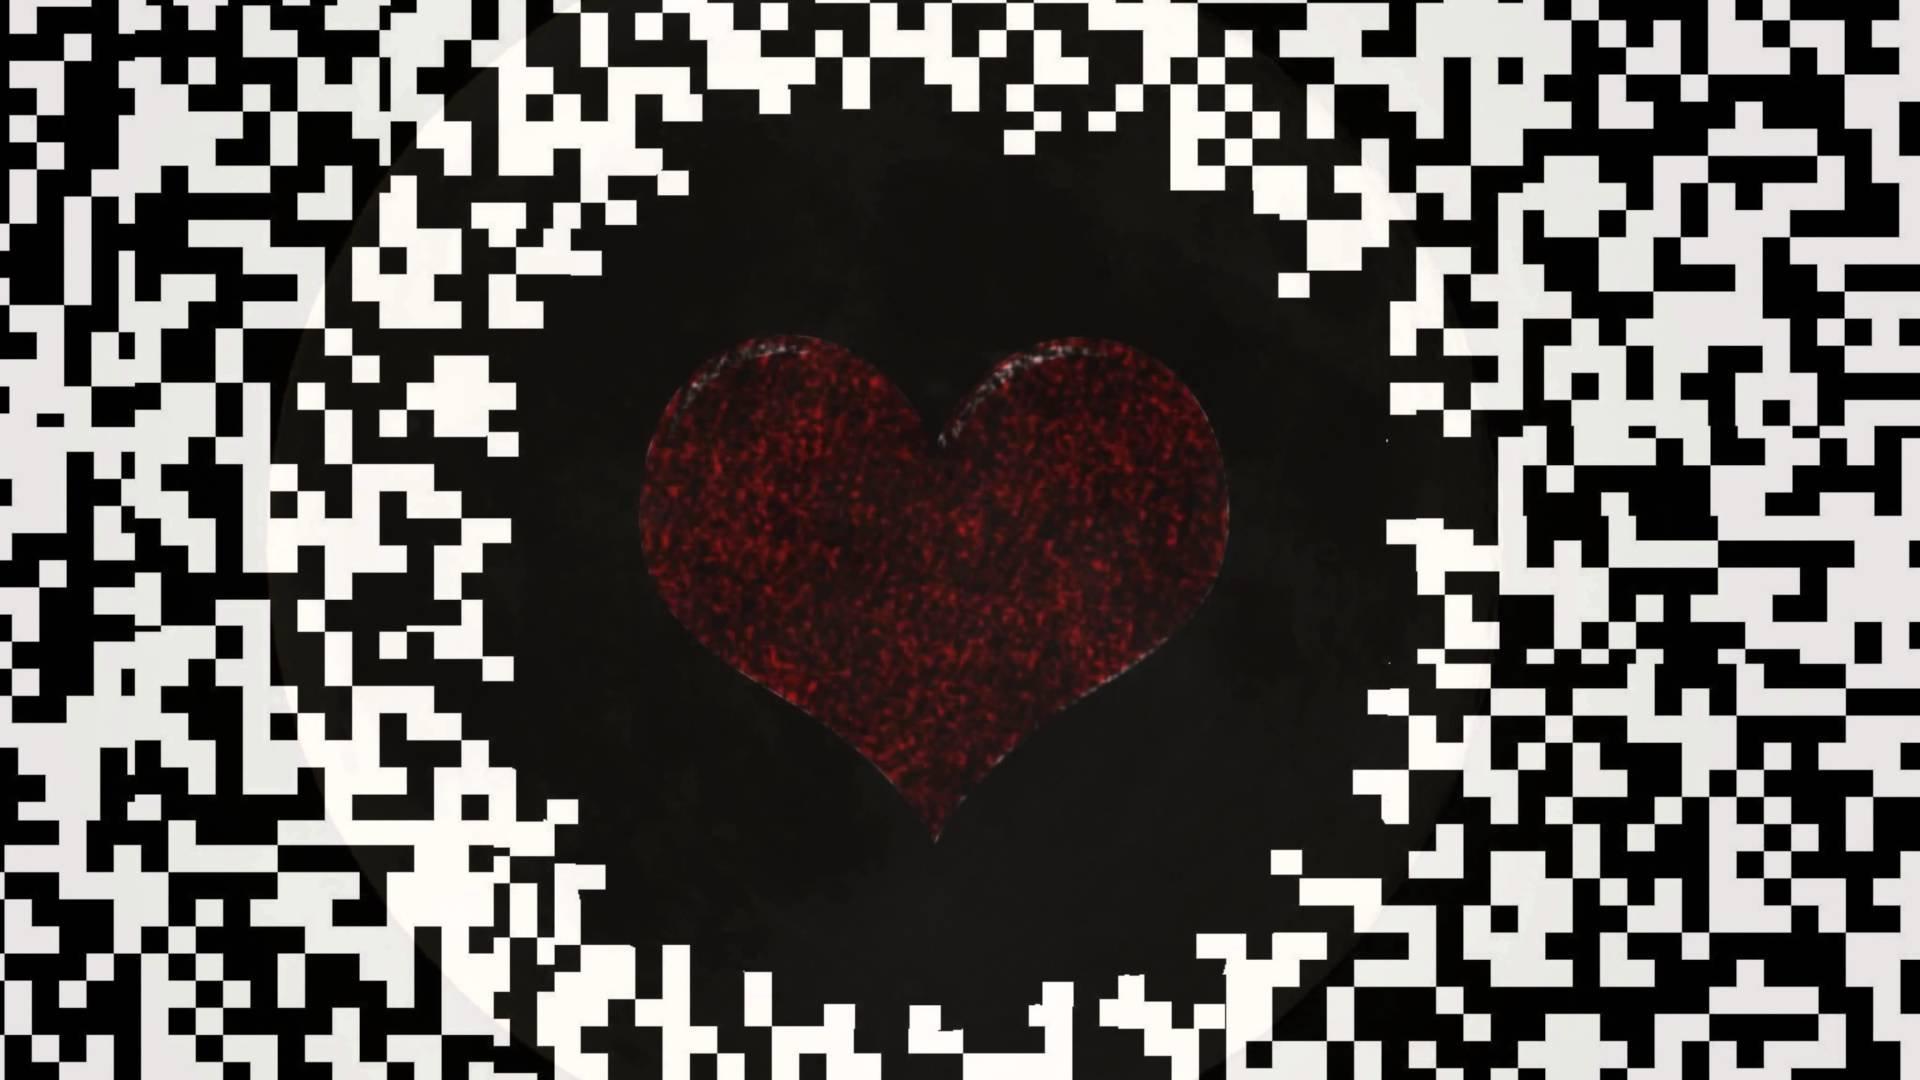 目の錯覚 揺れて見える 恋愛心理状態에 대한 이미지 검색결과